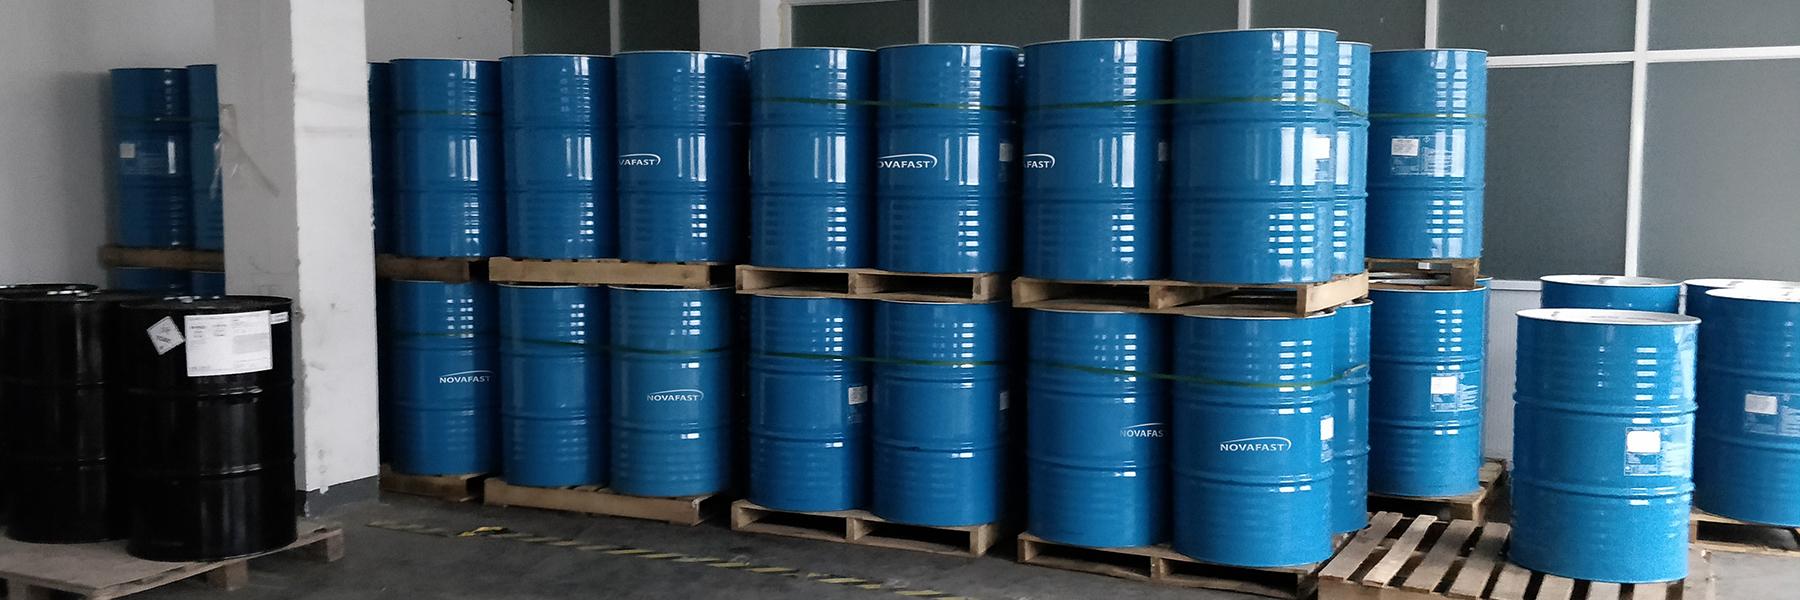 Novafast 2000 resin barrels